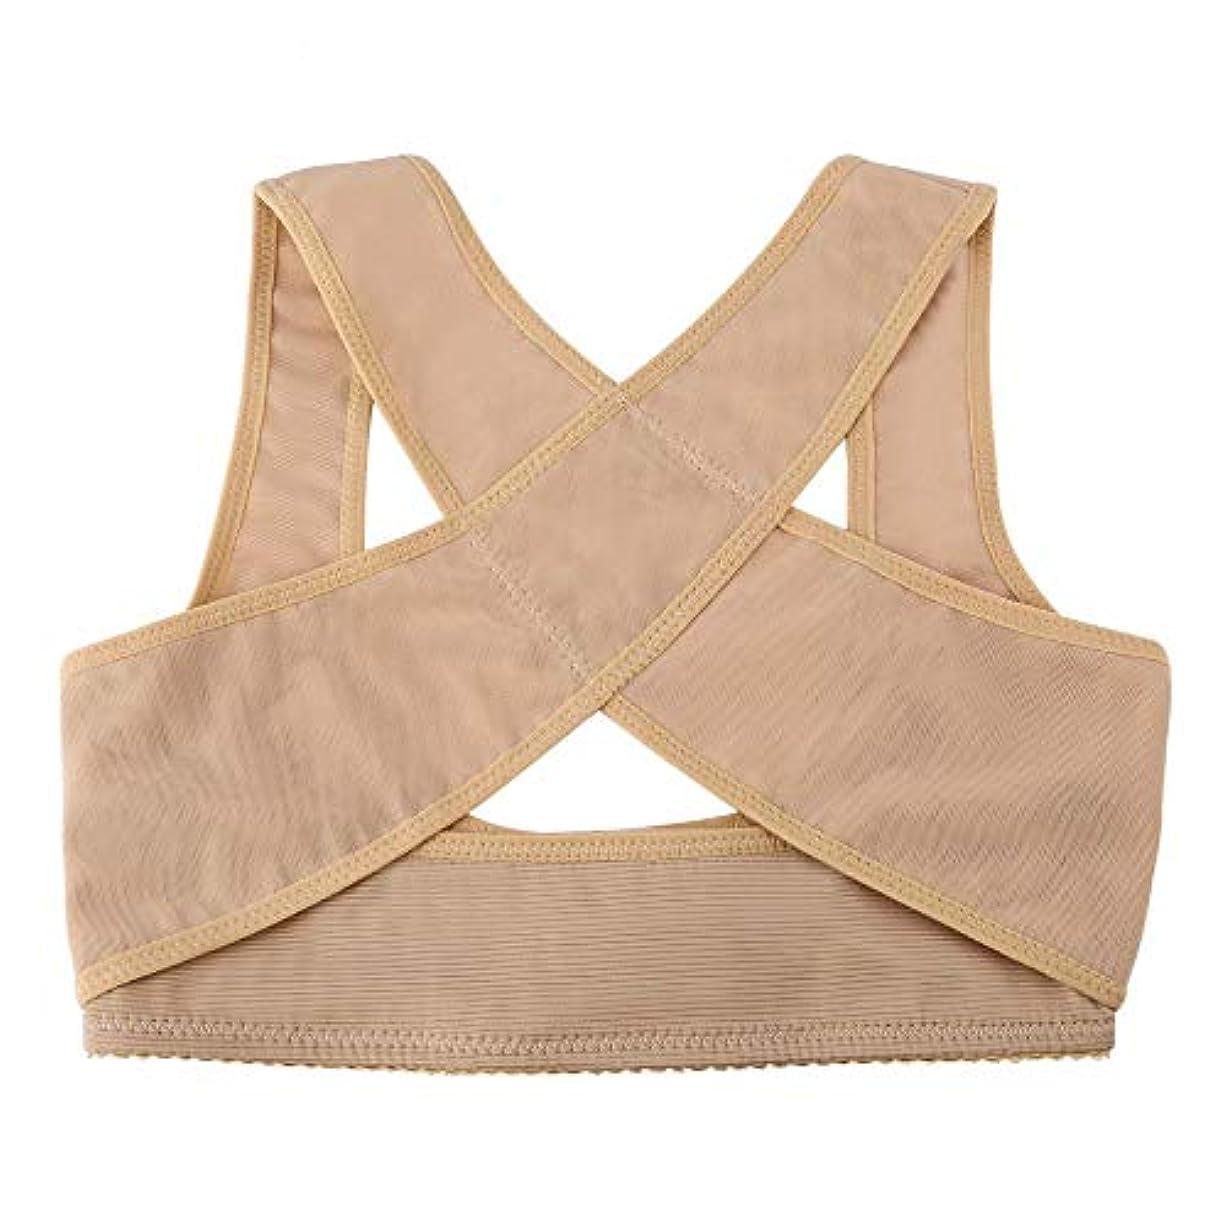 石膏ロケーション分数調節可能な伸縮性がある背部女性ベルトサポート姿勢補正装置支柱サポート姿勢肩補正装置ヘルスケア